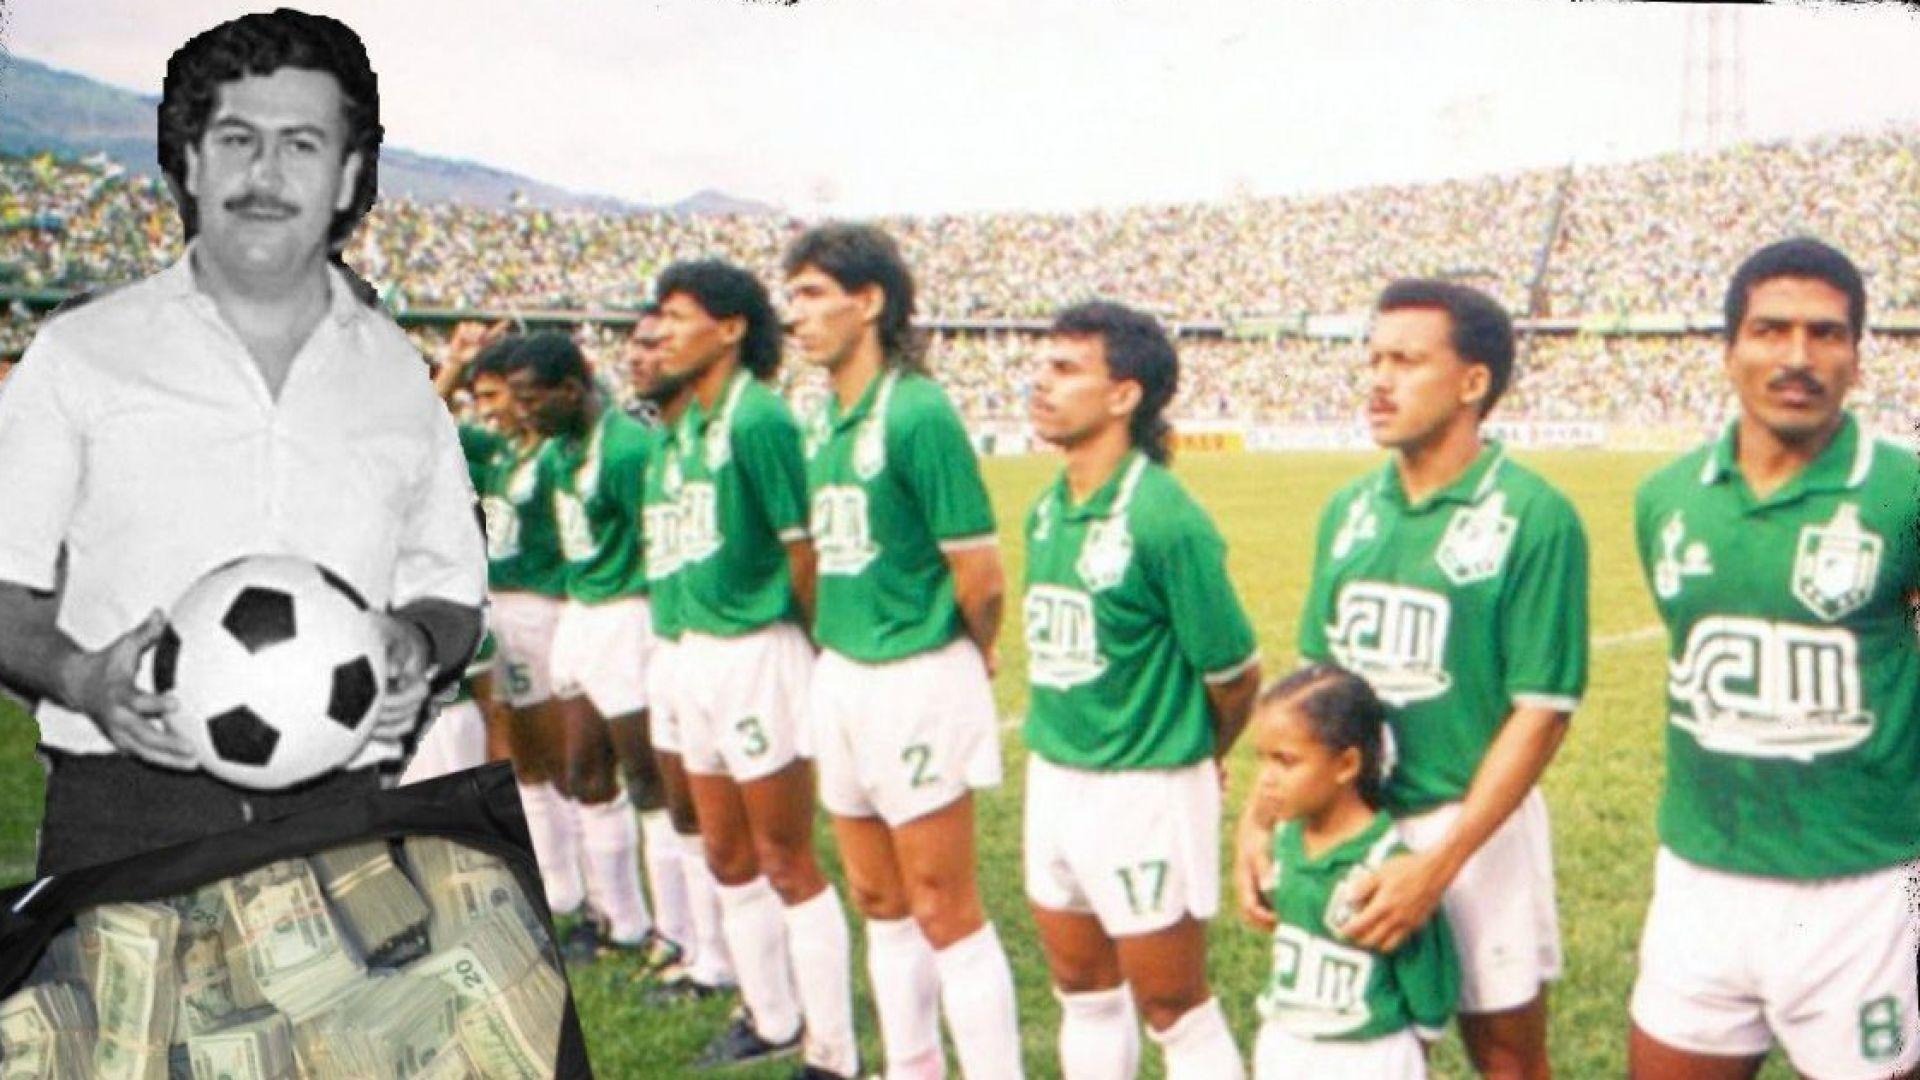 Лудите времена на Ескобар  - футбол с привкус на кръв и кокаин